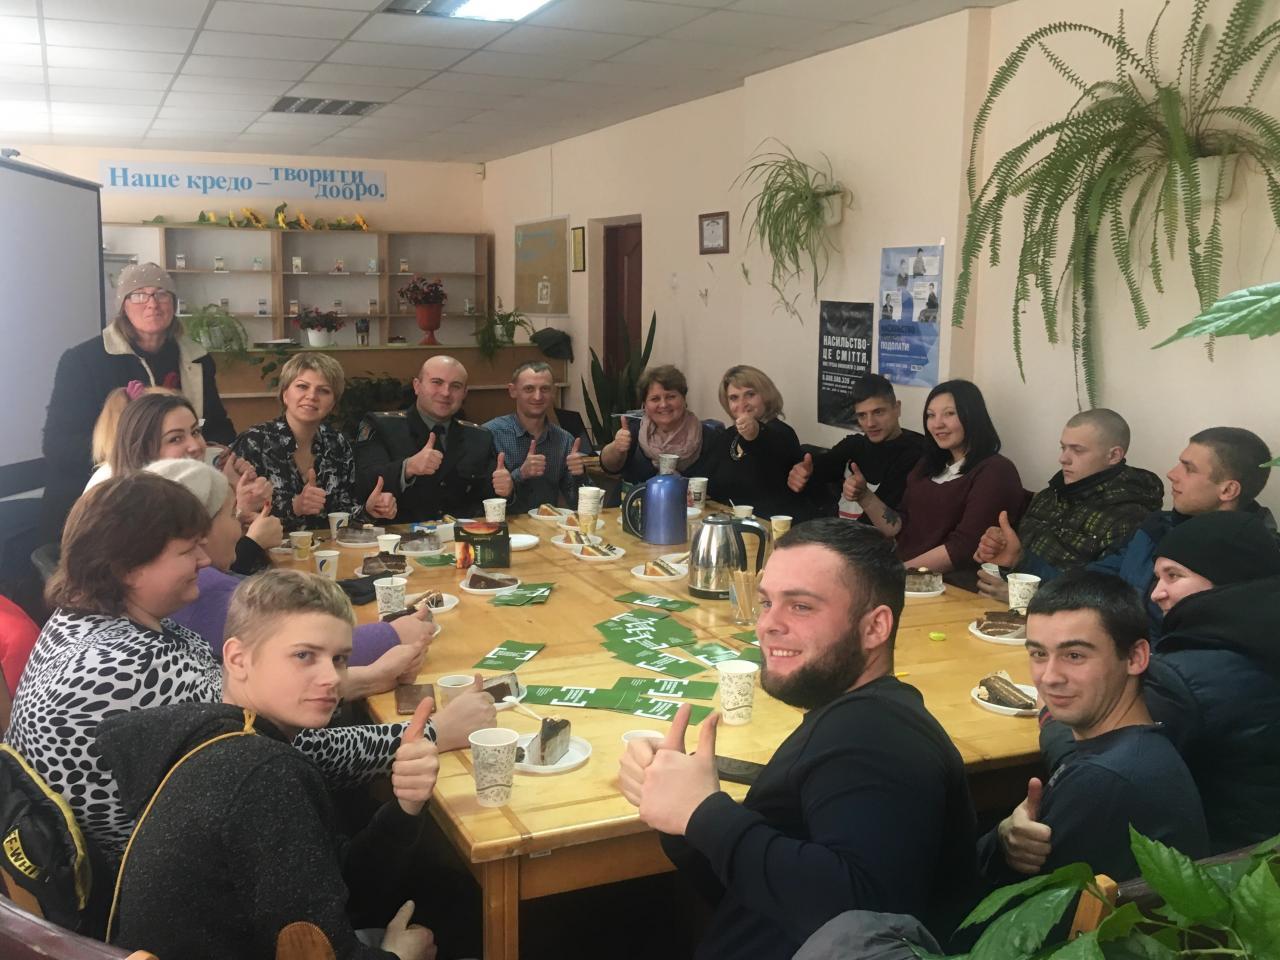 http://dunrada.gov.ua/uploadfile/archive_news/2020/02/14/2020-02-14_6948/images/images-82817.jpg